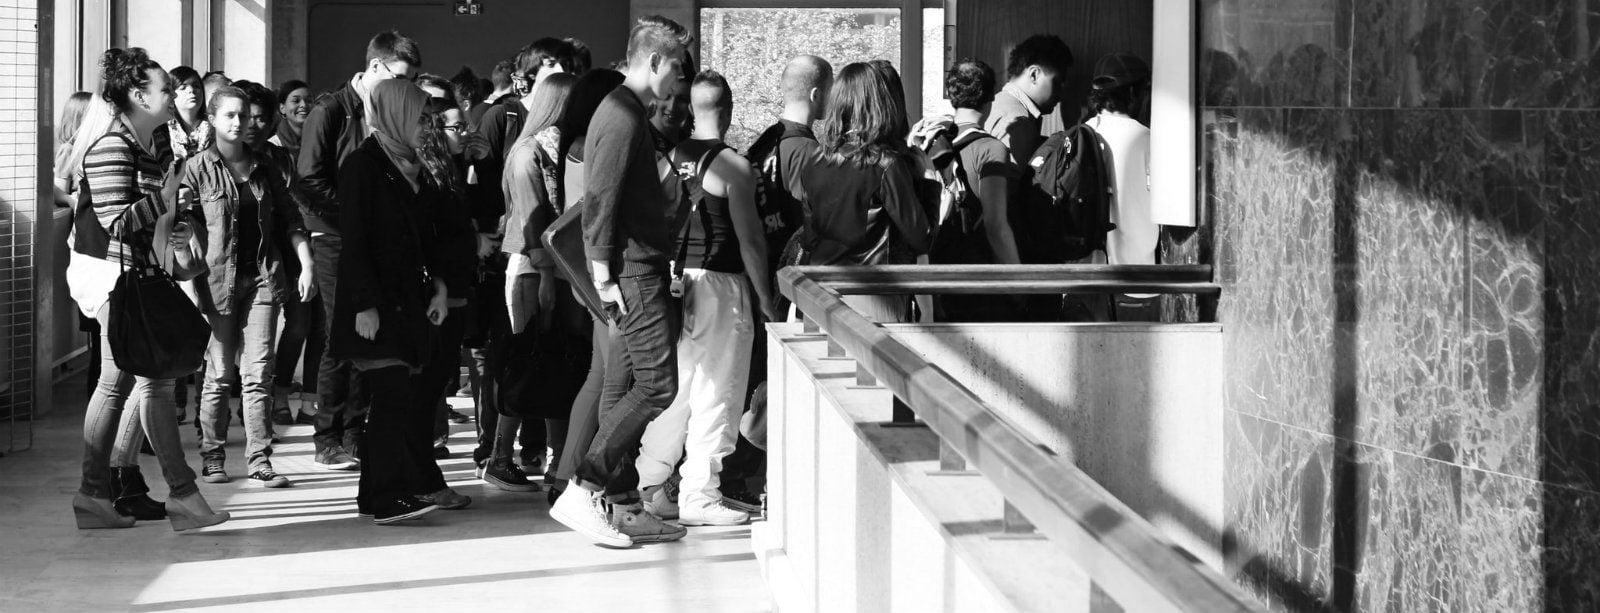 L'Université de Strasbourg prête pour mettre en œuvre le tri des étudiants